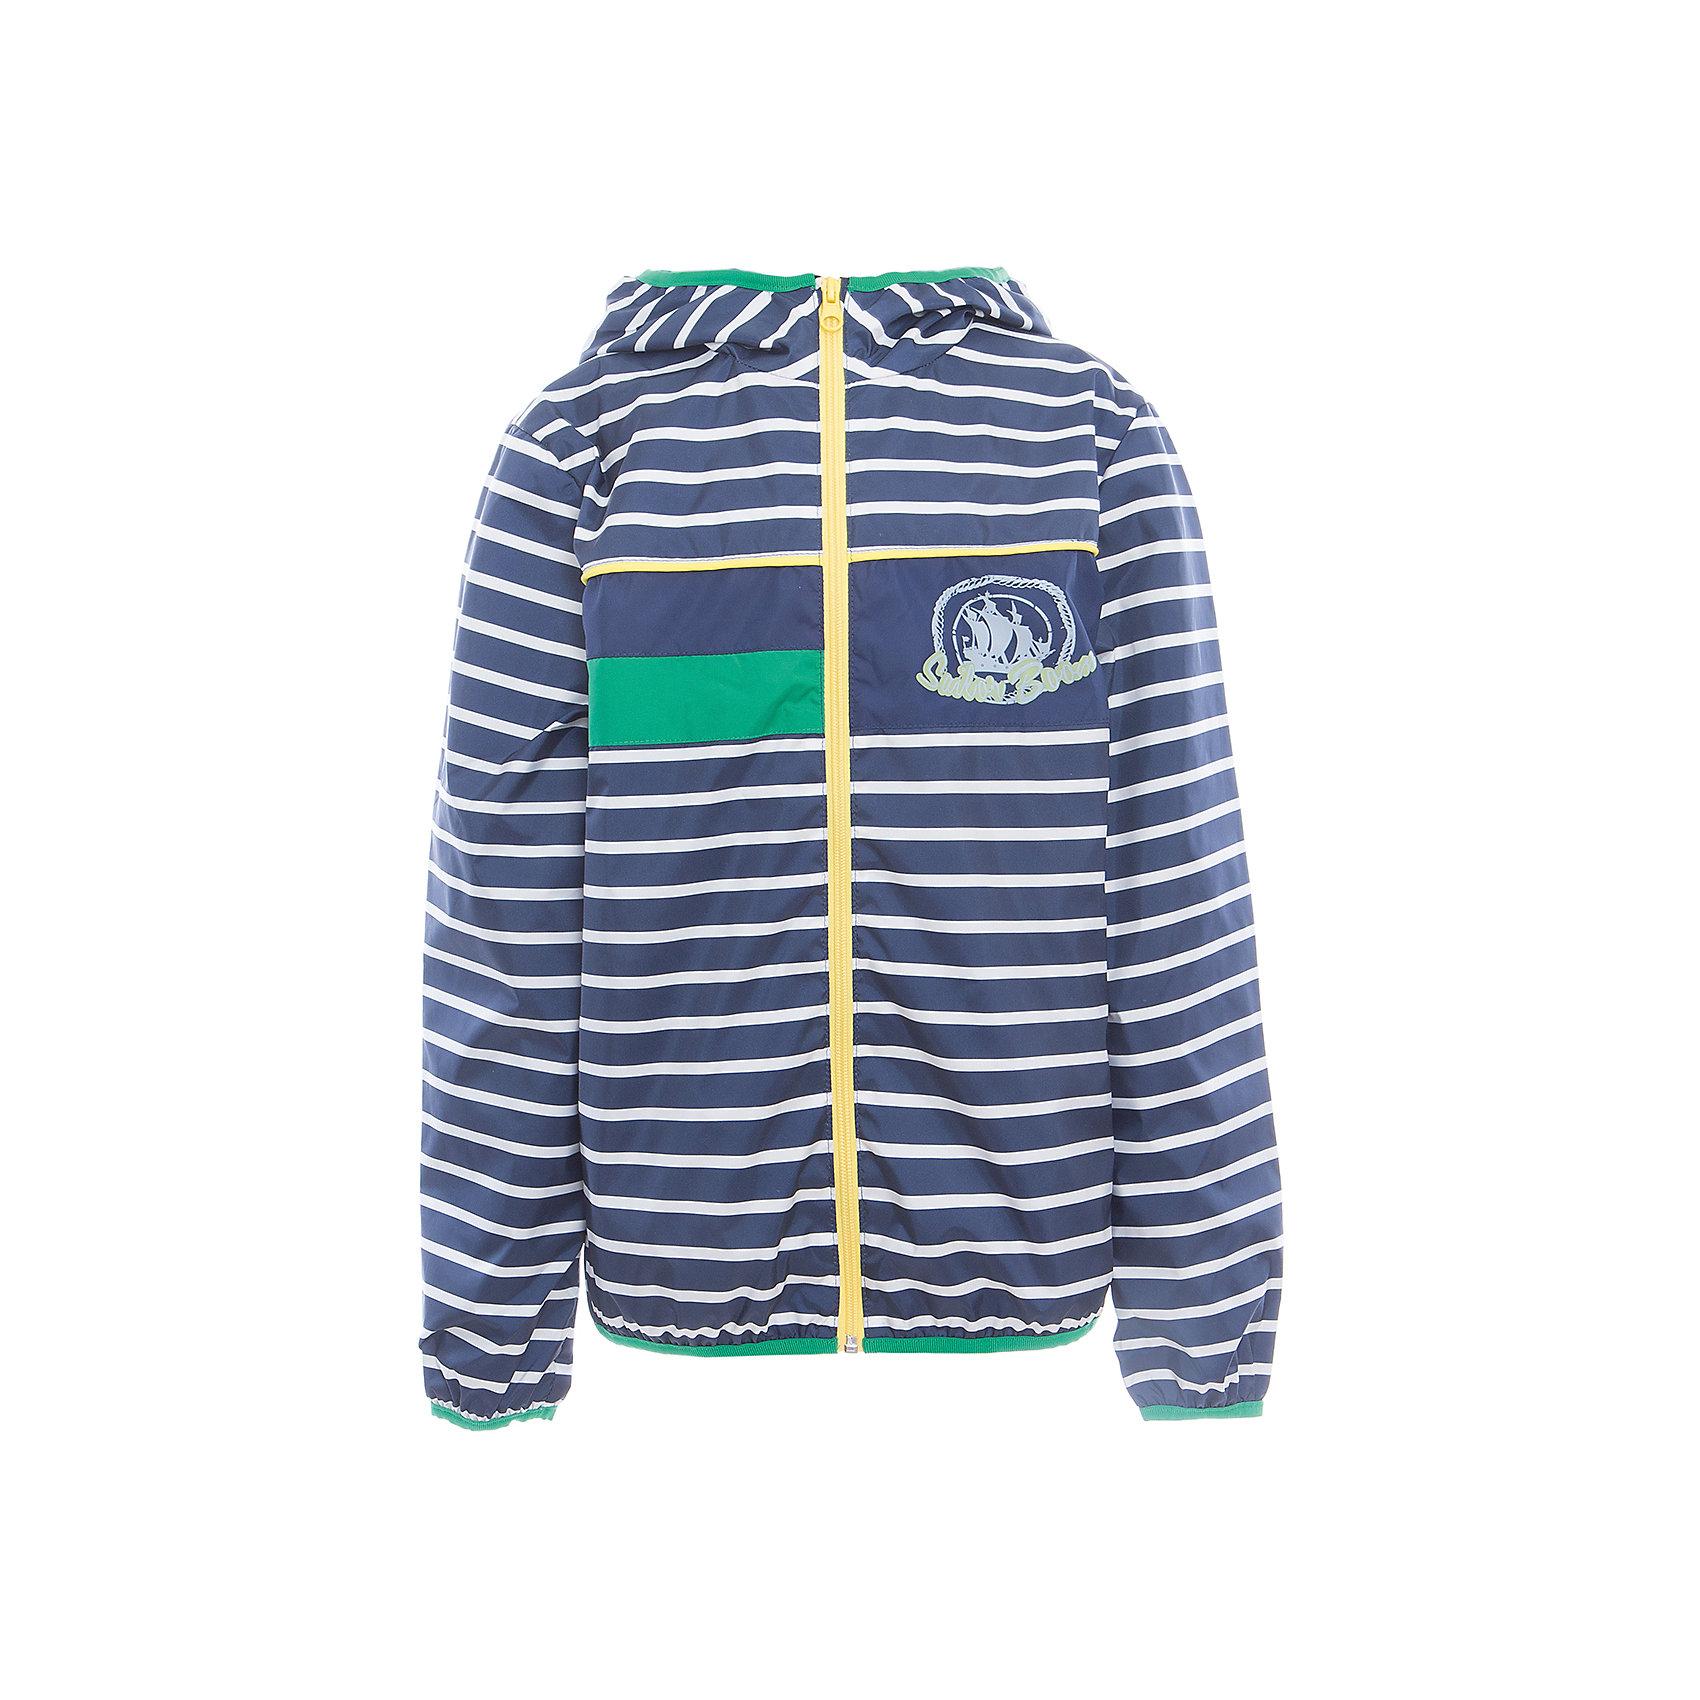 Куртка для мальчика BOOM by OrbyХарактеристики товара:<br><br>• цвет: синий<br>• состав: верх - таффета, подкладка - поликоттон, полиэстер, без утеплителя<br>• температурный режим: от +5° до +15°С<br>• пропитка от промокания<br>• застежка - молния<br>• капюшон <br>• украшена принтом<br>• легкая<br>• комфортная посадка<br>• страна производства: Российская Федерация<br>• страна бренда: Российская Федерация<br>• коллекция: весна-лето 2017<br><br>Легкая куртка - универсальный вариант и для прохладного летнего вечера, и для теплого межсезонья. Эта модель - модная и удобная одновременно! Изделие отличается стильным ярким дизайном. Куртка хорошо сидит по фигуре, отлично сочетается с различным низом. Вещь была разработана специально для детей.<br><br>Одежда от российского бренда BOOM by Orby уже завоевала популярностью у многих детей и их родителей. Вещи, выпускаемые компанией, качественные, продуманные и очень удобные. Для производства коллекций используются только безопасные для детей материалы. Спешите приобрести модели из новой коллекции Весна-лето 2017! <br><br>Куртку для мальчика от бренда BOOM by Orby можно купить в нашем интернет-магазине.<br><br>Ширина мм: 356<br>Глубина мм: 10<br>Высота мм: 245<br>Вес г: 519<br>Цвет: синий<br>Возраст от месяцев: 60<br>Возраст до месяцев: 72<br>Пол: Мужской<br>Возраст: Детский<br>Размер: 116,158,104,86,92,98,110,122,128,134,140,146,152<br>SKU: 5343890